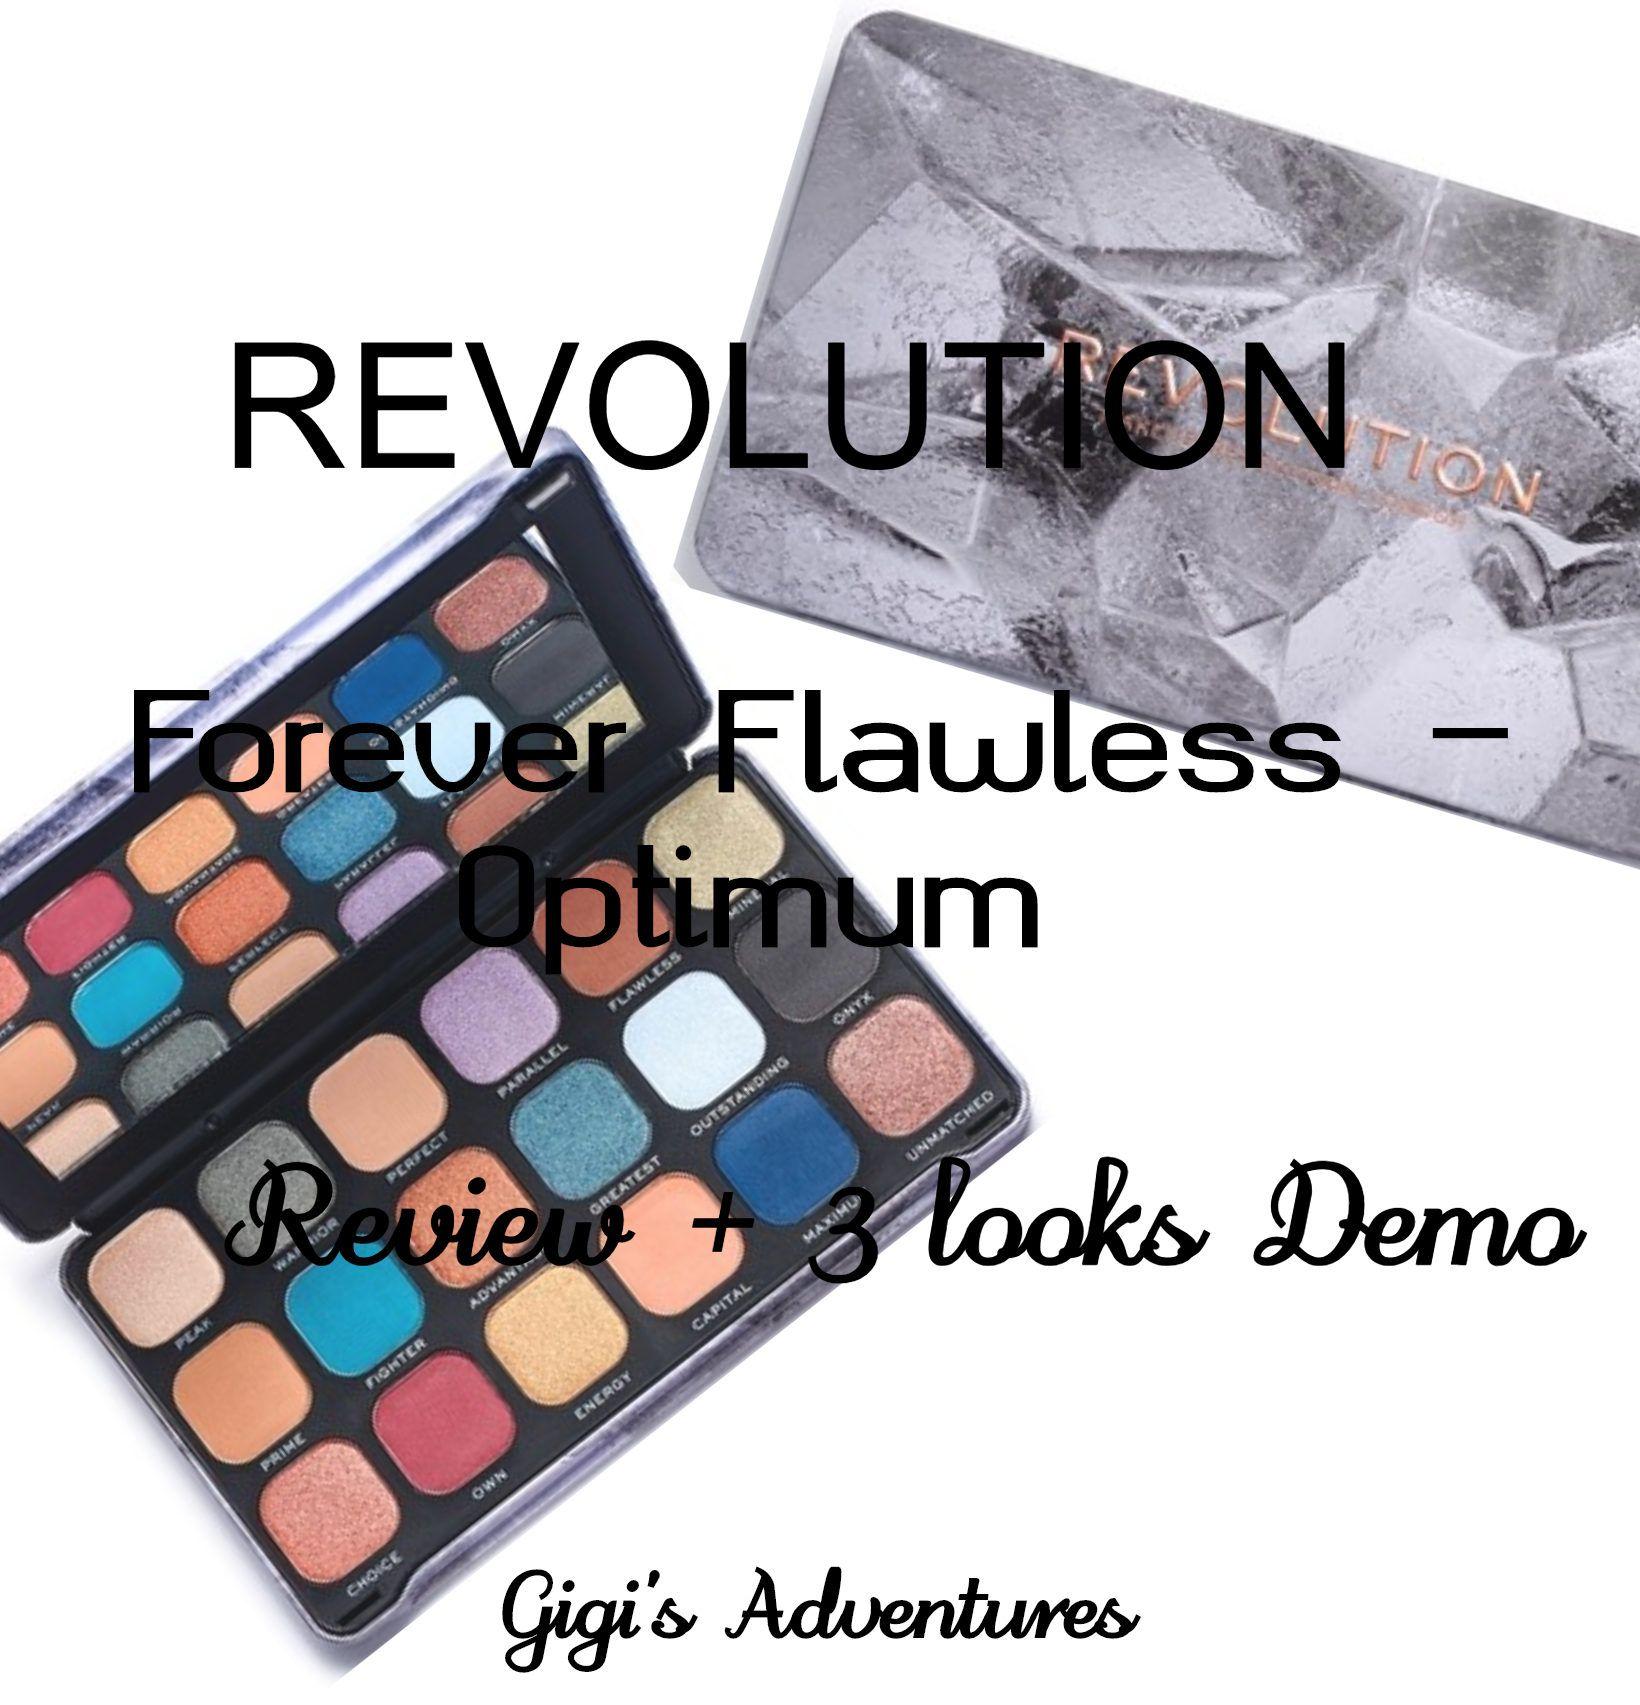 Revolution Forever Flawless Optimum palette Review + 3